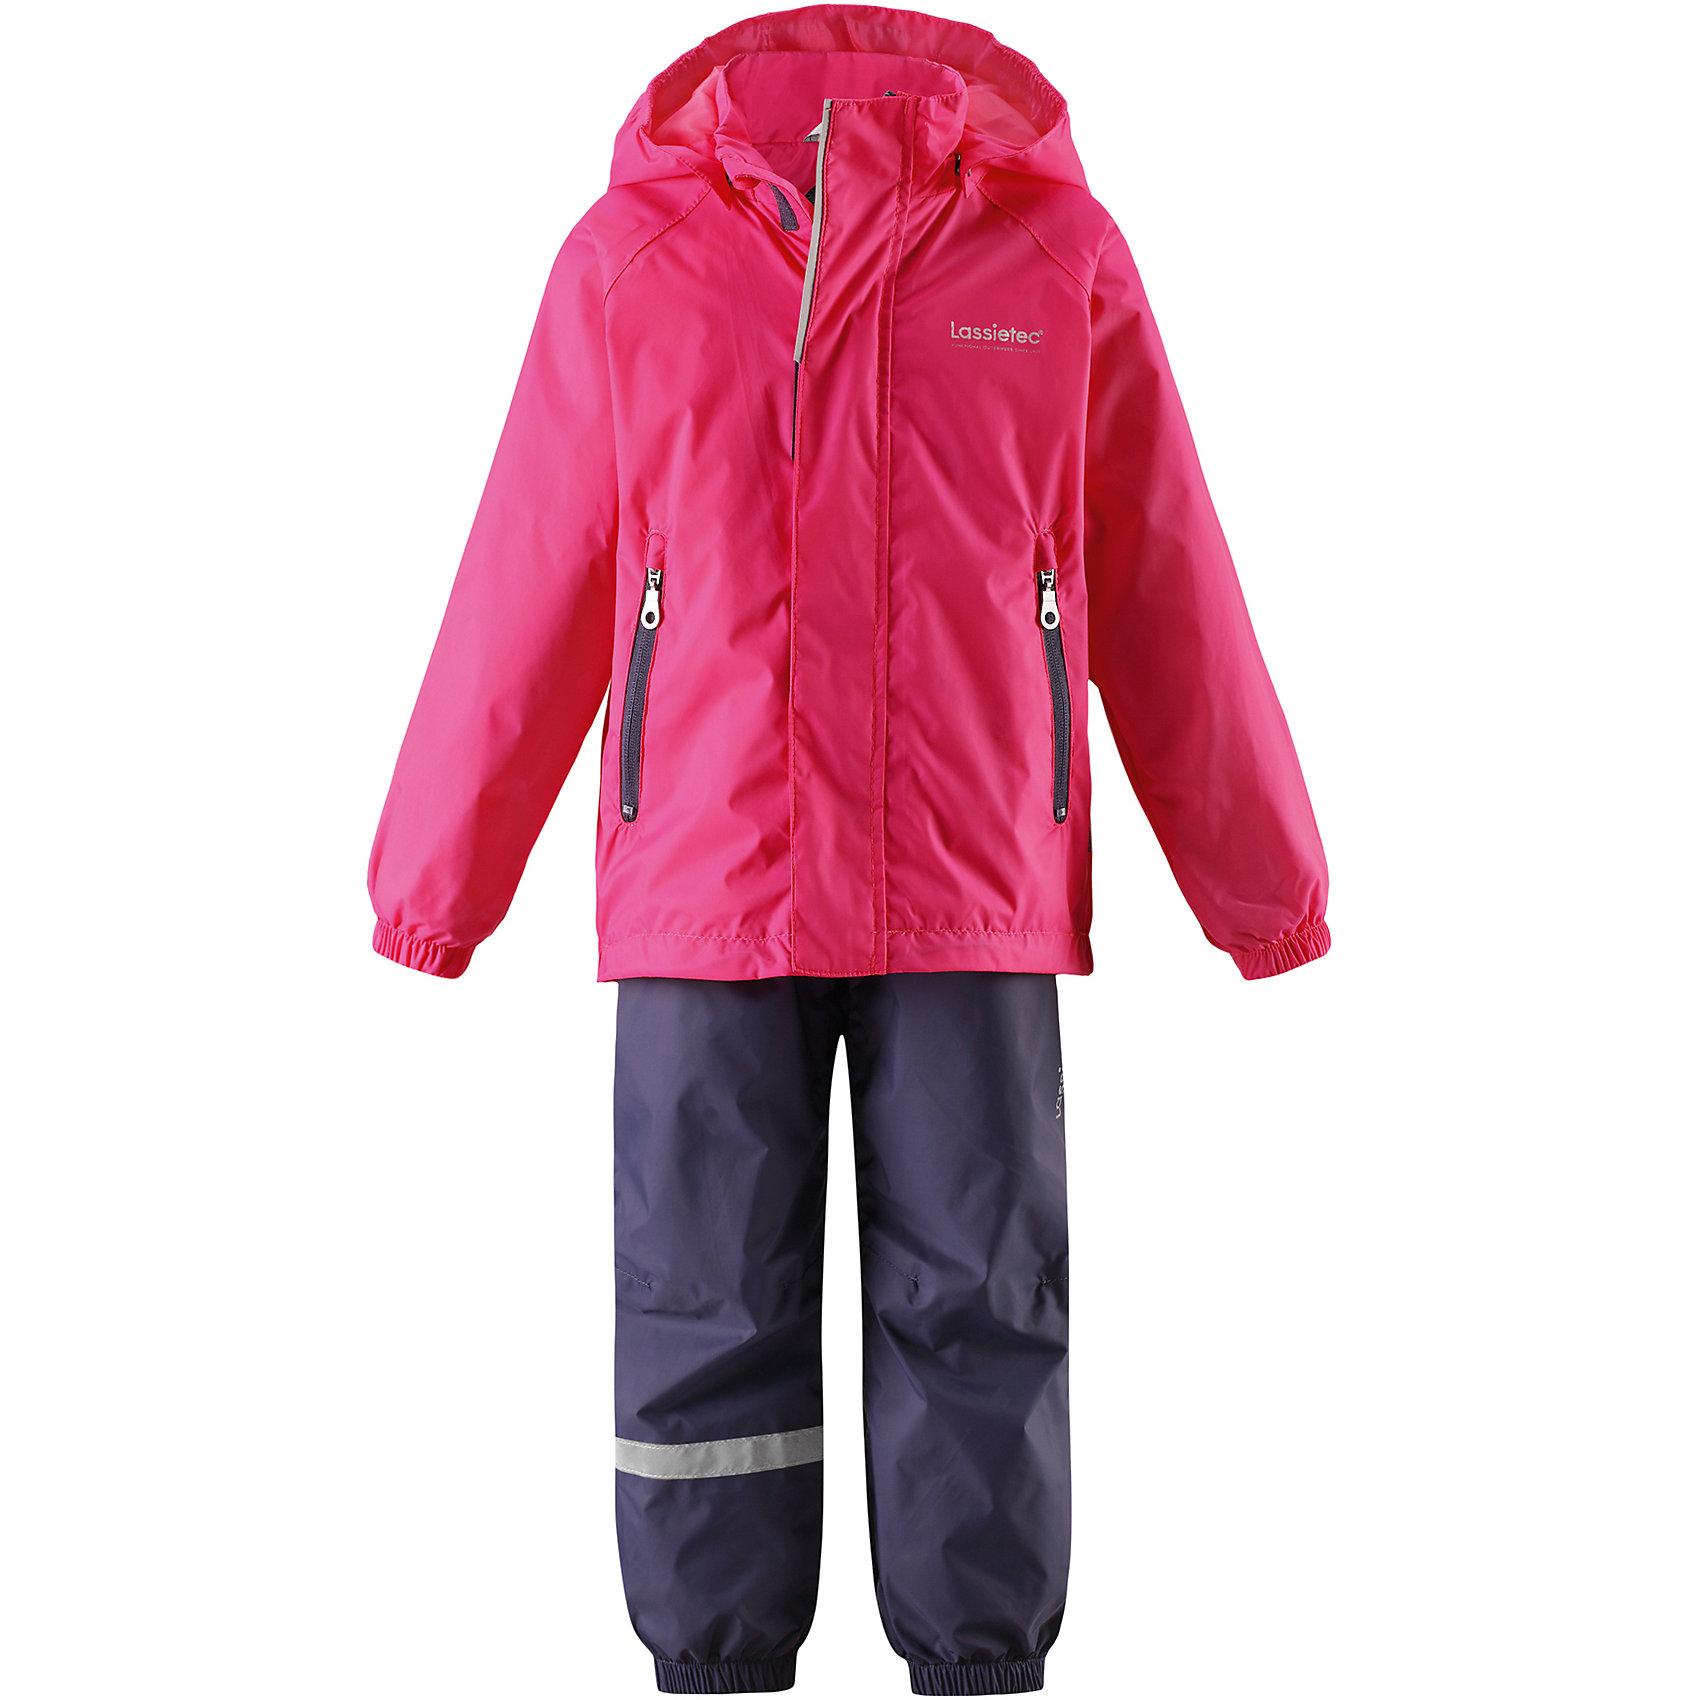 Комплект LASSIEОдежда<br>Характеристики товара:<br><br>• цвет: розовый/синий<br>• температурный режим: от +20°до +10°С<br>• состав: 100% полиамид, полиуретановое покрытие<br>• материал - Plain weave/Водонепроницаемость5000 мм<br>• сопротивление трению: 10000 циклов (тест Мартиндейла).<br>• комплектация: куртка, штаны<br>• съемные штрипки в размерах от 104 до 128 см<br>• водоотталкивающий, ветронепроницаемый и «дышащий» материал<br>• подкладка: mesh-сетка <br>• съемный капюшон<br>• карманы на молнии<br>• регулируемый подол <br>• эластичные манжеты и штанины<br>• эластичный обхват талии<br>• комфортная посадка<br>• без утеплителя<br>• страна производства: Китай<br>• страна бренда: Финляндия<br>• коллекция: весна-лето 2017<br><br>Демисезонный комплект из куртки и штанов поможет обеспечить ребенку комфорт и тепло. Предметы отлично смотрятся с различной одеждой. Комплект удобно сидит и модно выглядит. Материал - водоотталкивающий, ветронепроницаемый и «дышащий». Продуманный крой разрабатывался специально для детей.<br><br>Обувь и одежда от финского бренда LASSIE пользуются популярностью во многих странах. Они стильные, качественные и удобные. Для производства продукции используются только безопасные, проверенные материалы и фурнитура. Порадуйте ребенка модными и красивыми вещами от Lassie®! <br><br>Комплект от финского бренда LASSIE можно купить в нашем интернет-магазине.<br><br>Ширина мм: 190<br>Глубина мм: 74<br>Высота мм: 229<br>Вес г: 236<br>Цвет: розовый<br>Возраст от месяцев: 3<br>Возраст до месяцев: 48<br>Пол: Женский<br>Возраст: Детский<br>Размер: 104,116,98,122,92,128,134,140,110<br>SKU: 5264355